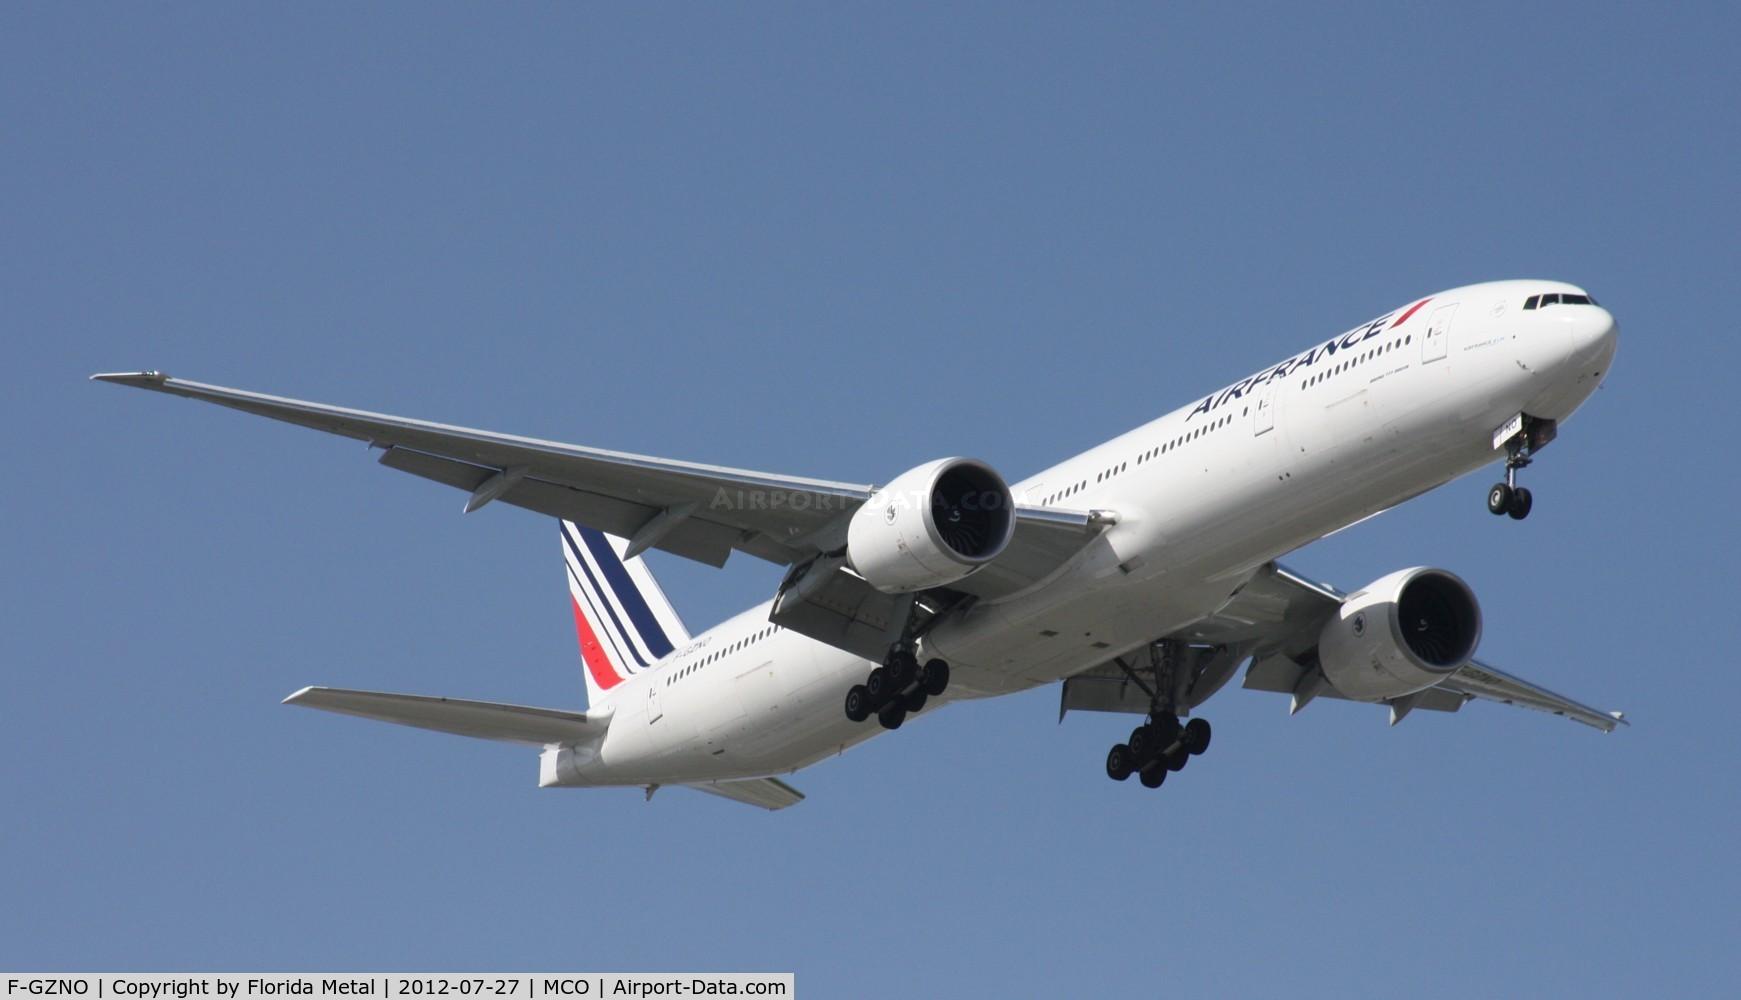 F-GZNO, 2012 Boeing 777-328/ER C/N 38665, Air France 777-300